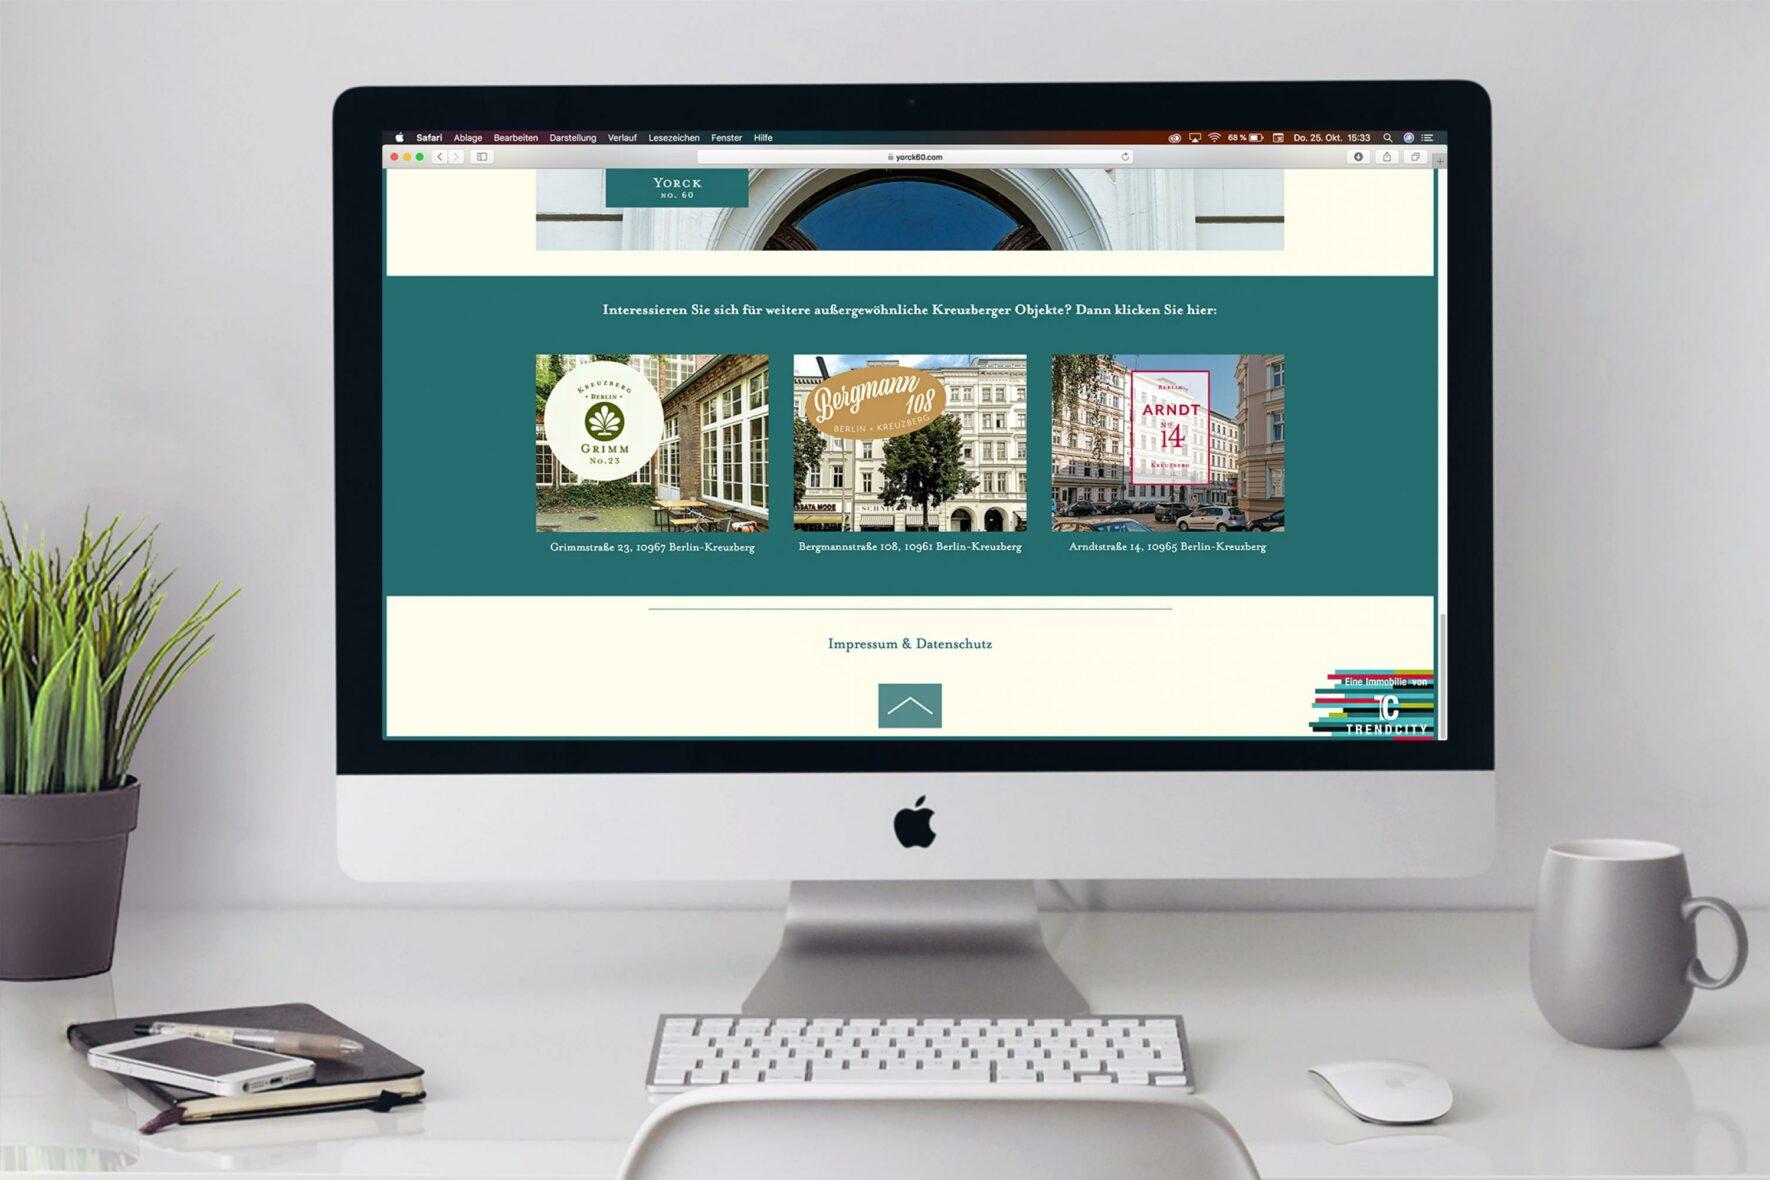 Webiste-Objekte-Branding-Trendcity-Immobilien-Corporate-design-3 Kopie